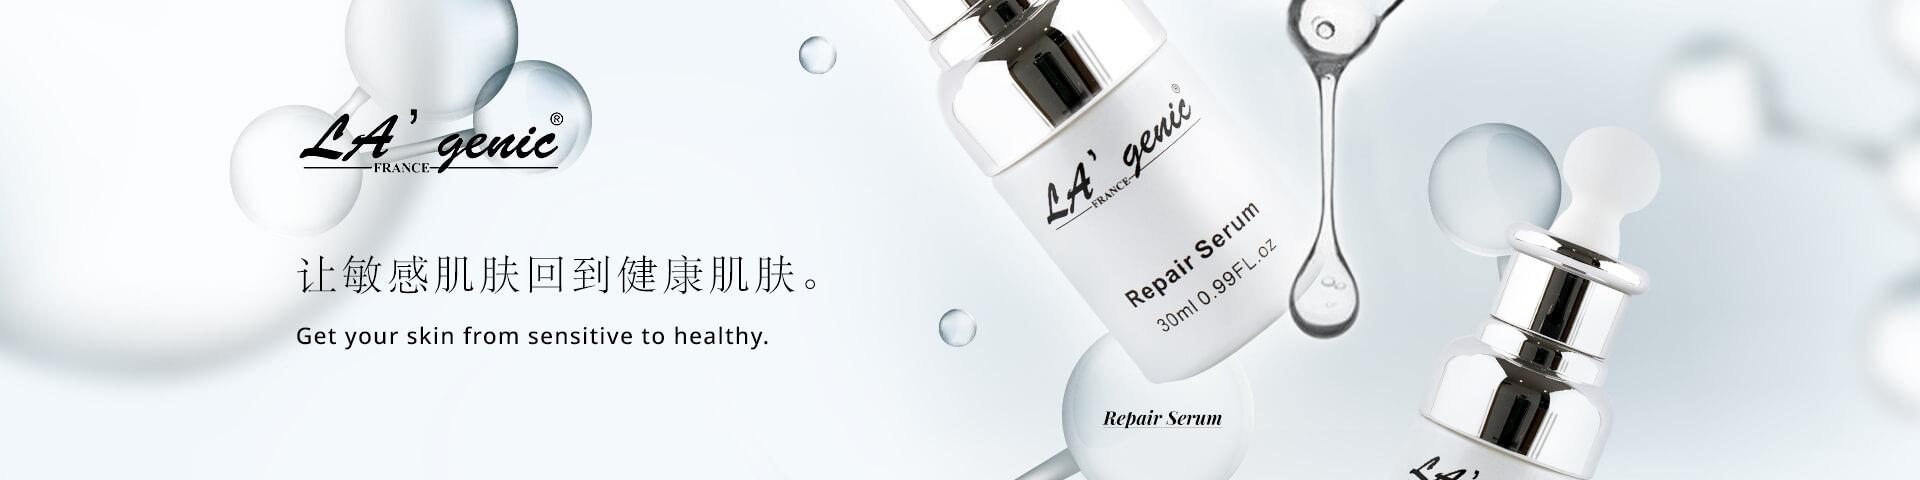 Repair Serum